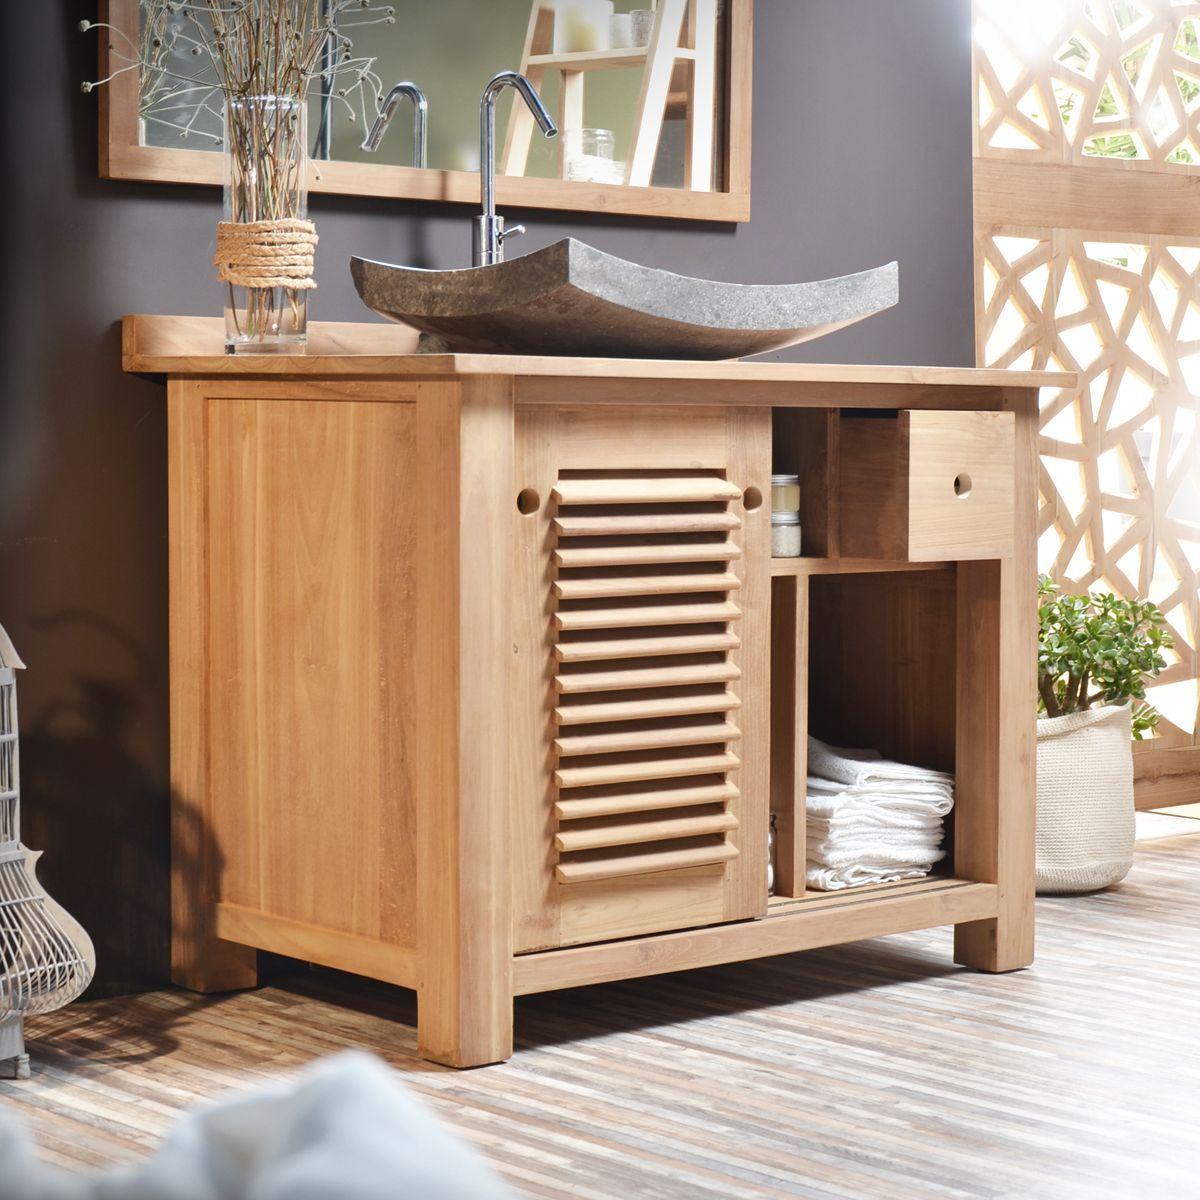 meuble double vasques pas cher, meuble double vasques design